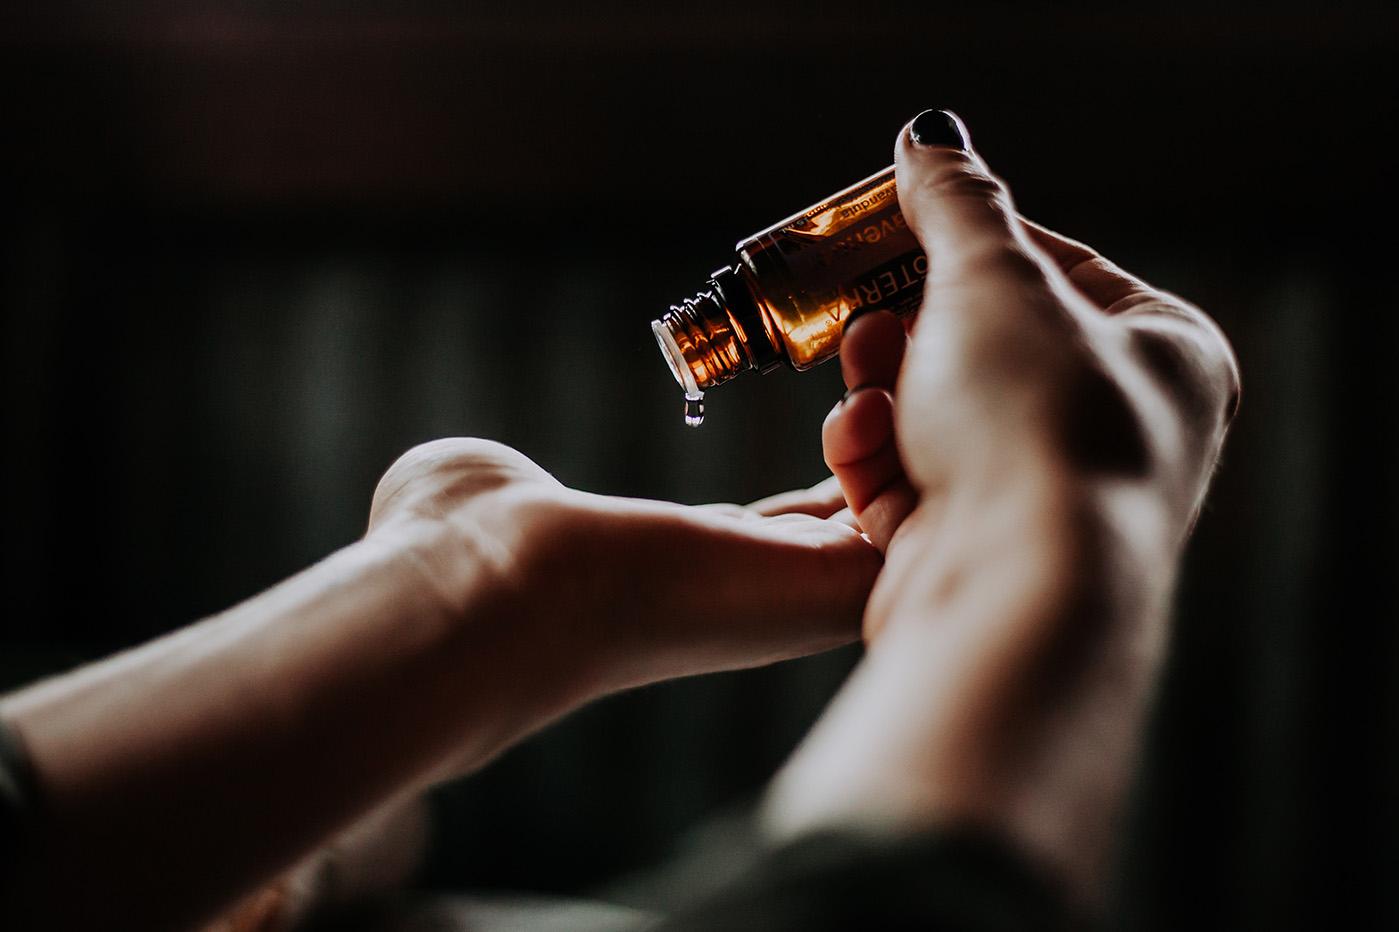 """""""Sentralt i diskusjonen om balansen mellom omega-3 og -6 er effekten på betennelse og smerte."""" - SanOmega – Holum Consulting AS, grunnlagt av Vegard Holum."""